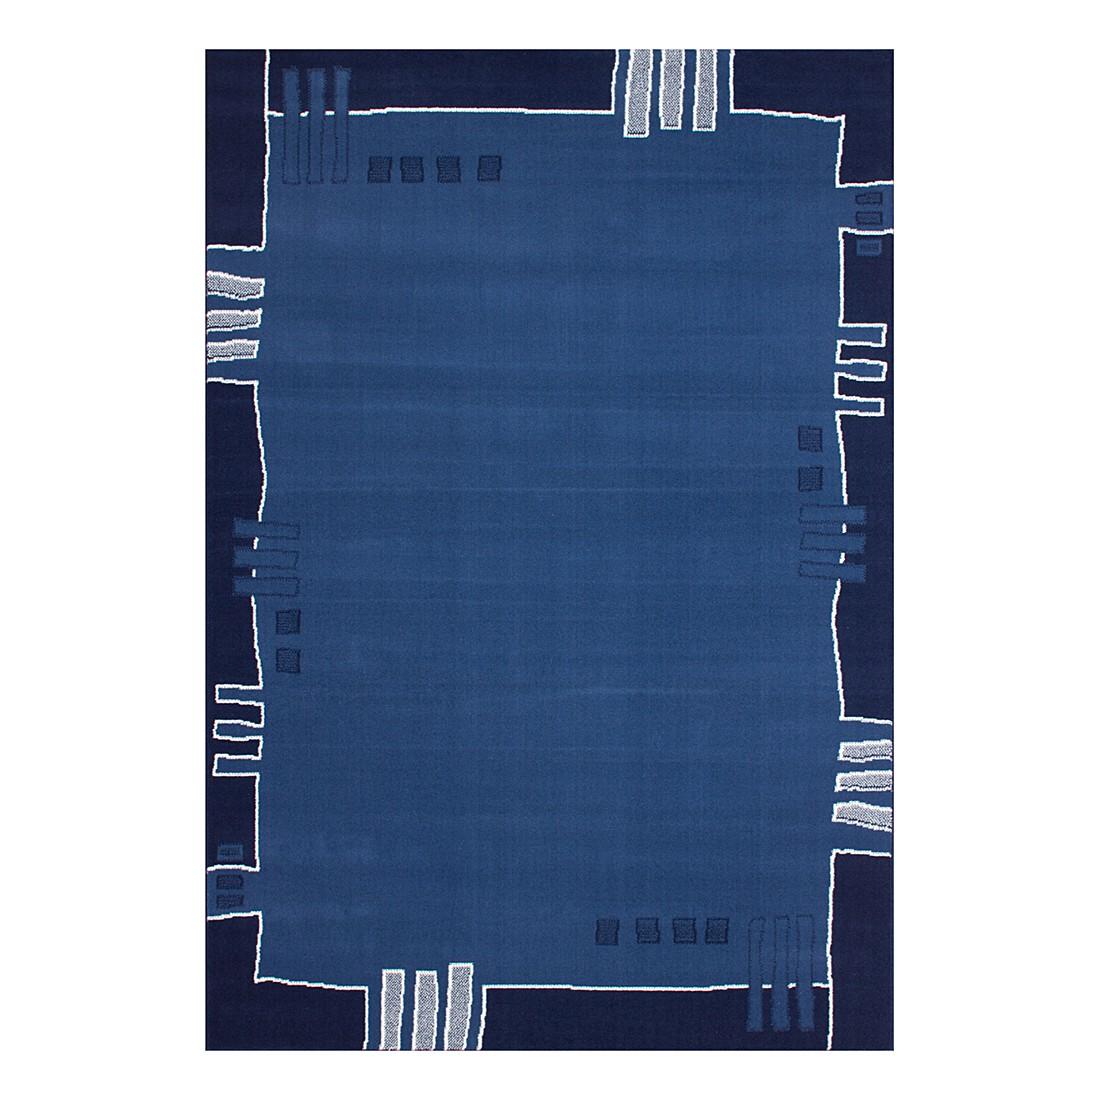 Teppich Dotty – Blau – 120 x 170 cm, Kayoom günstig online kaufen